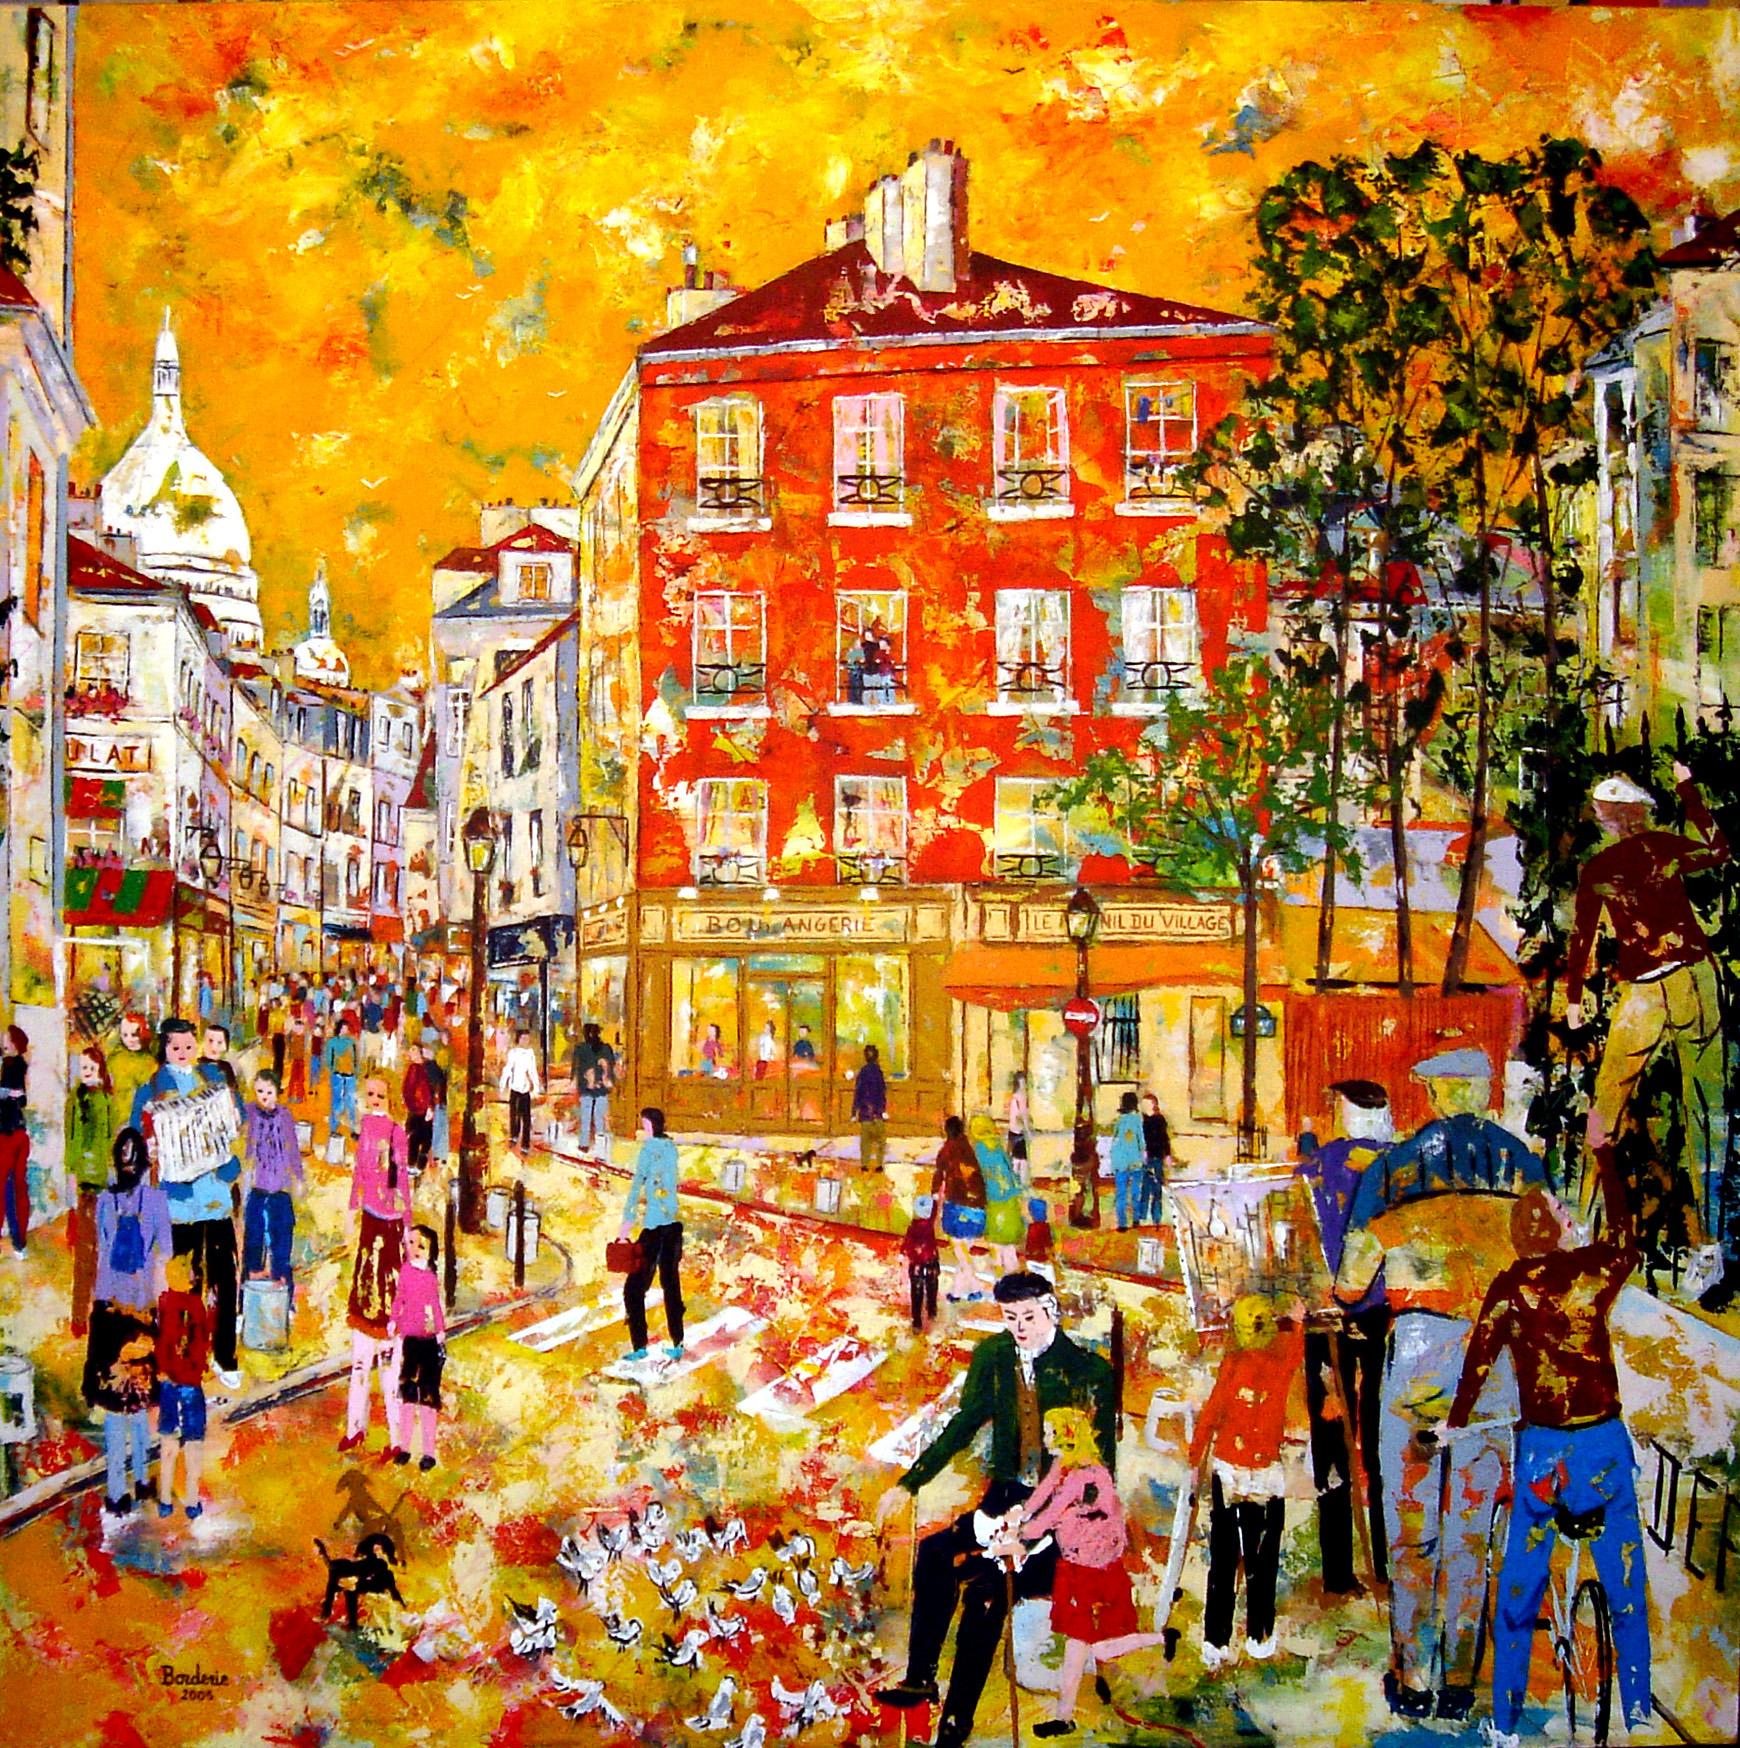 Les enfants de Montmartre et le viel